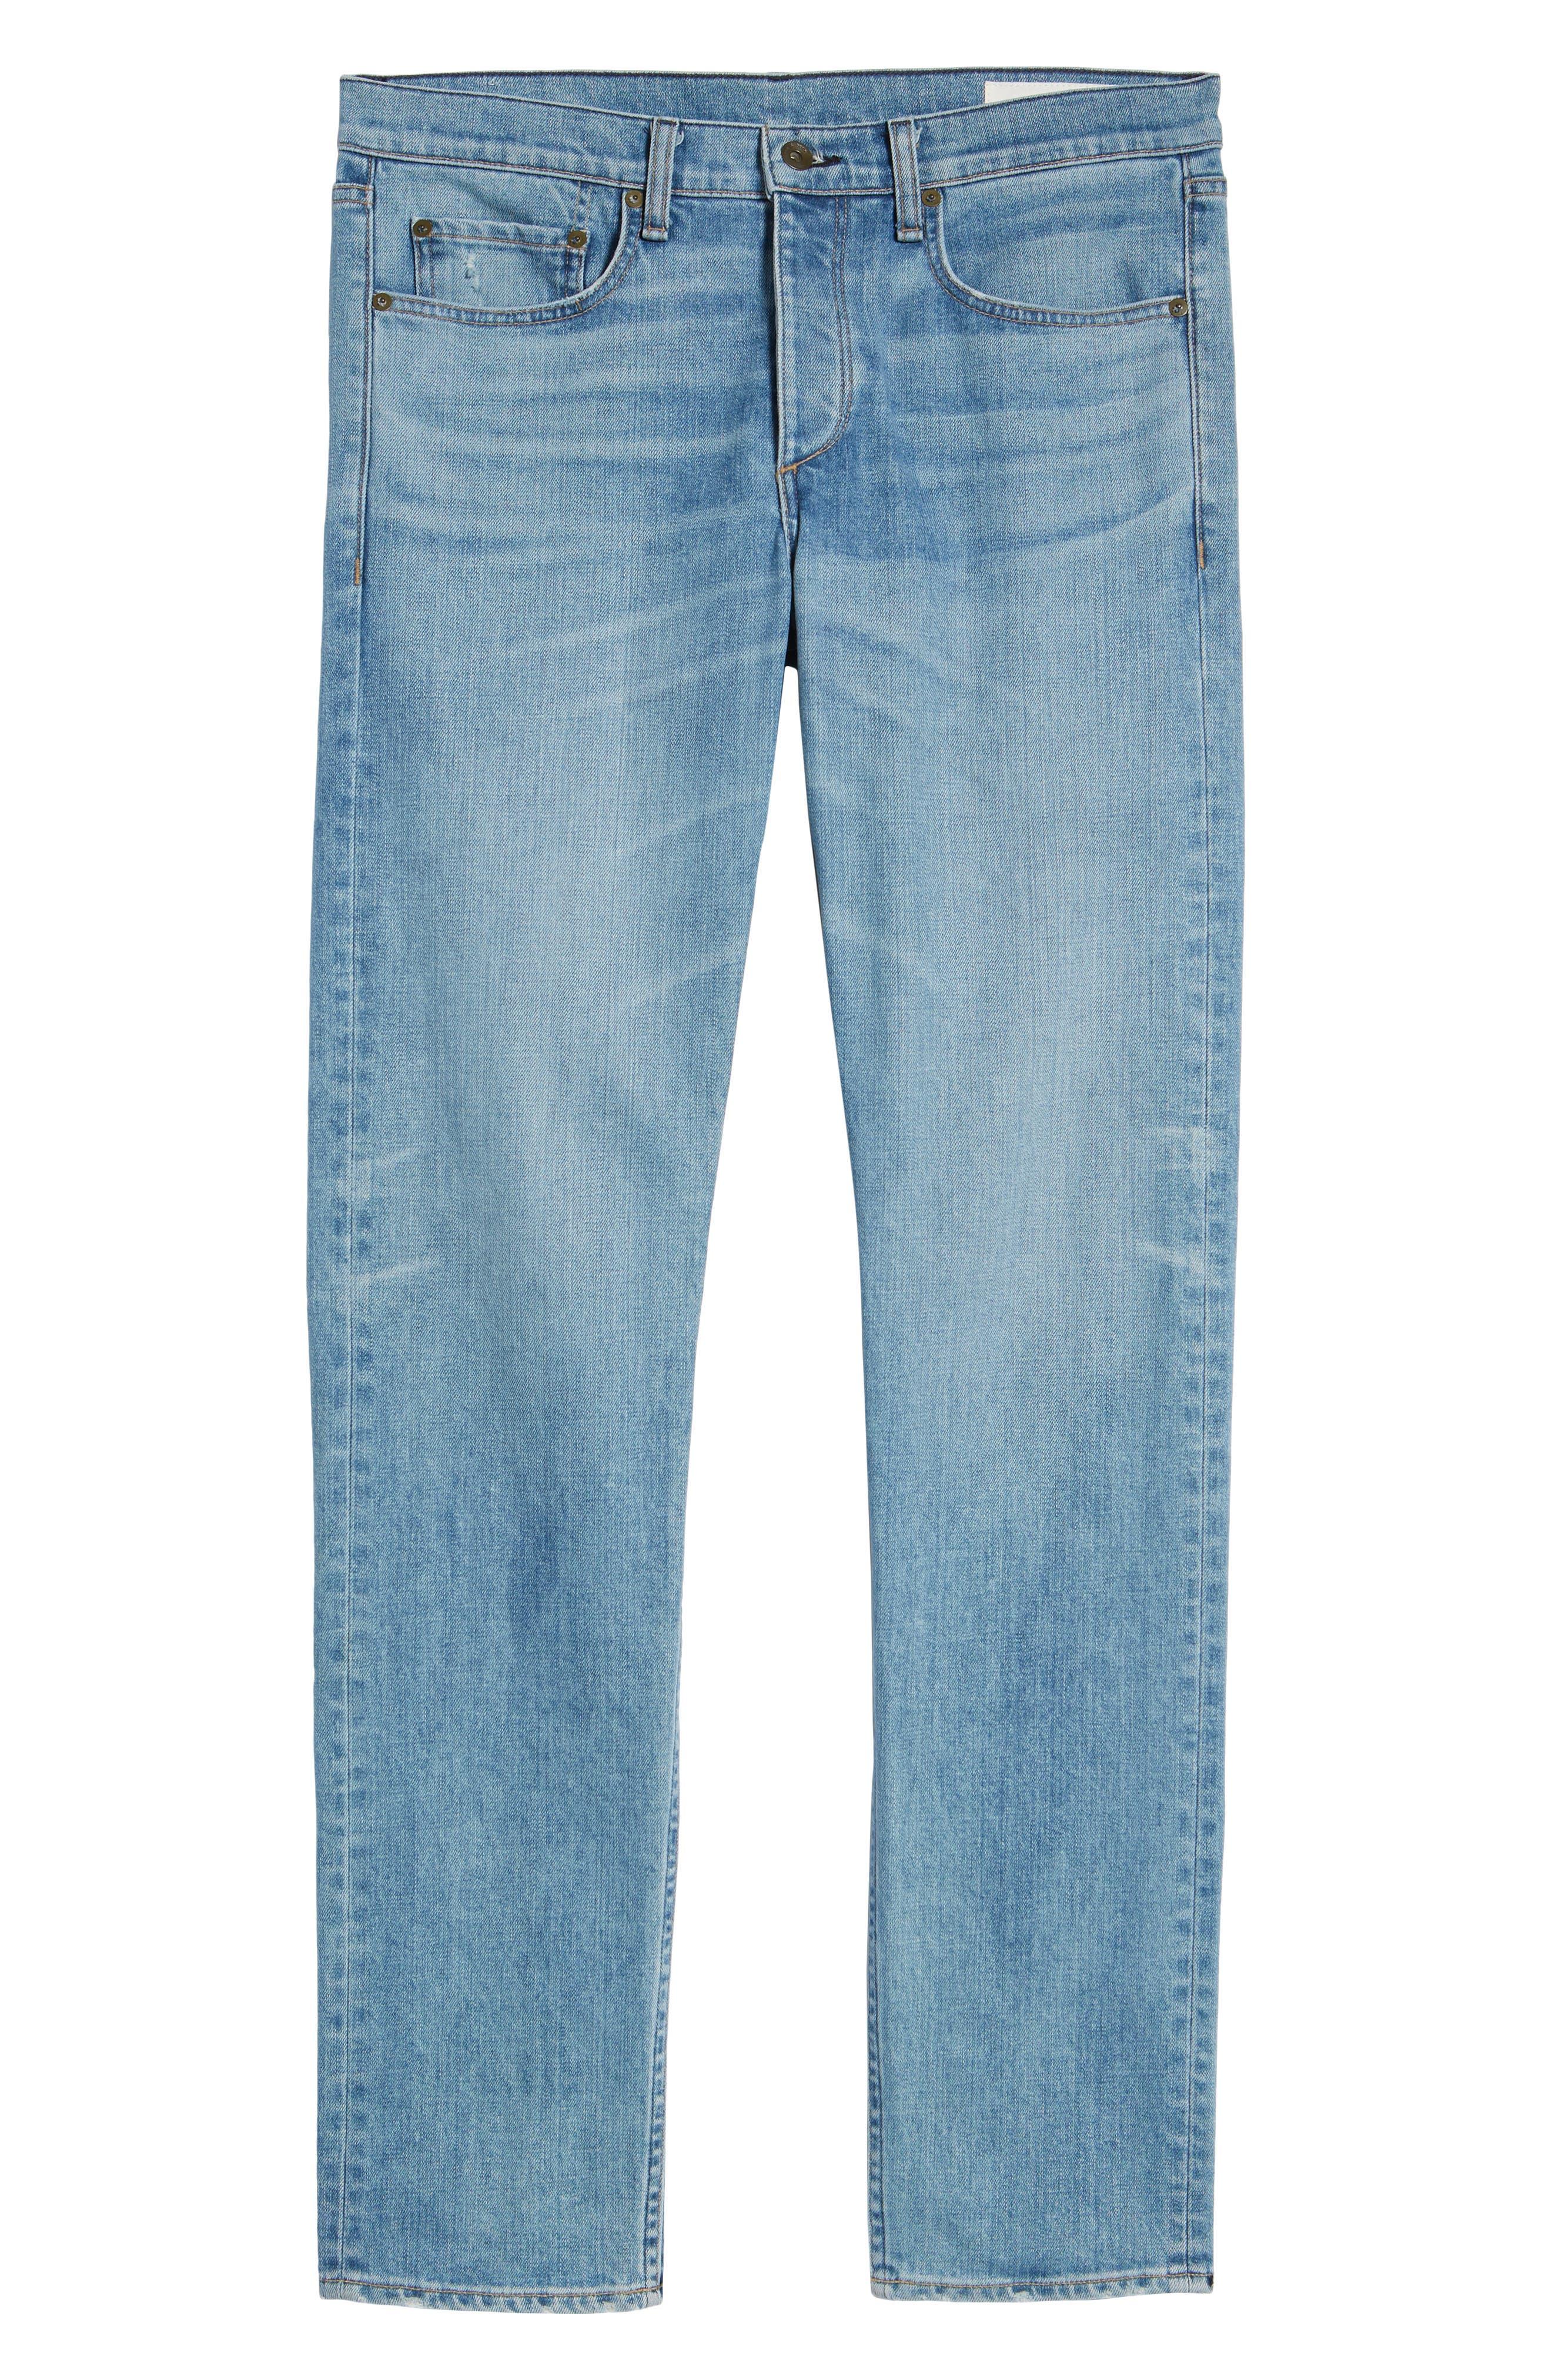 Fit 2 Slim Fit Jeans,                             Alternate thumbnail 6, color,                             420